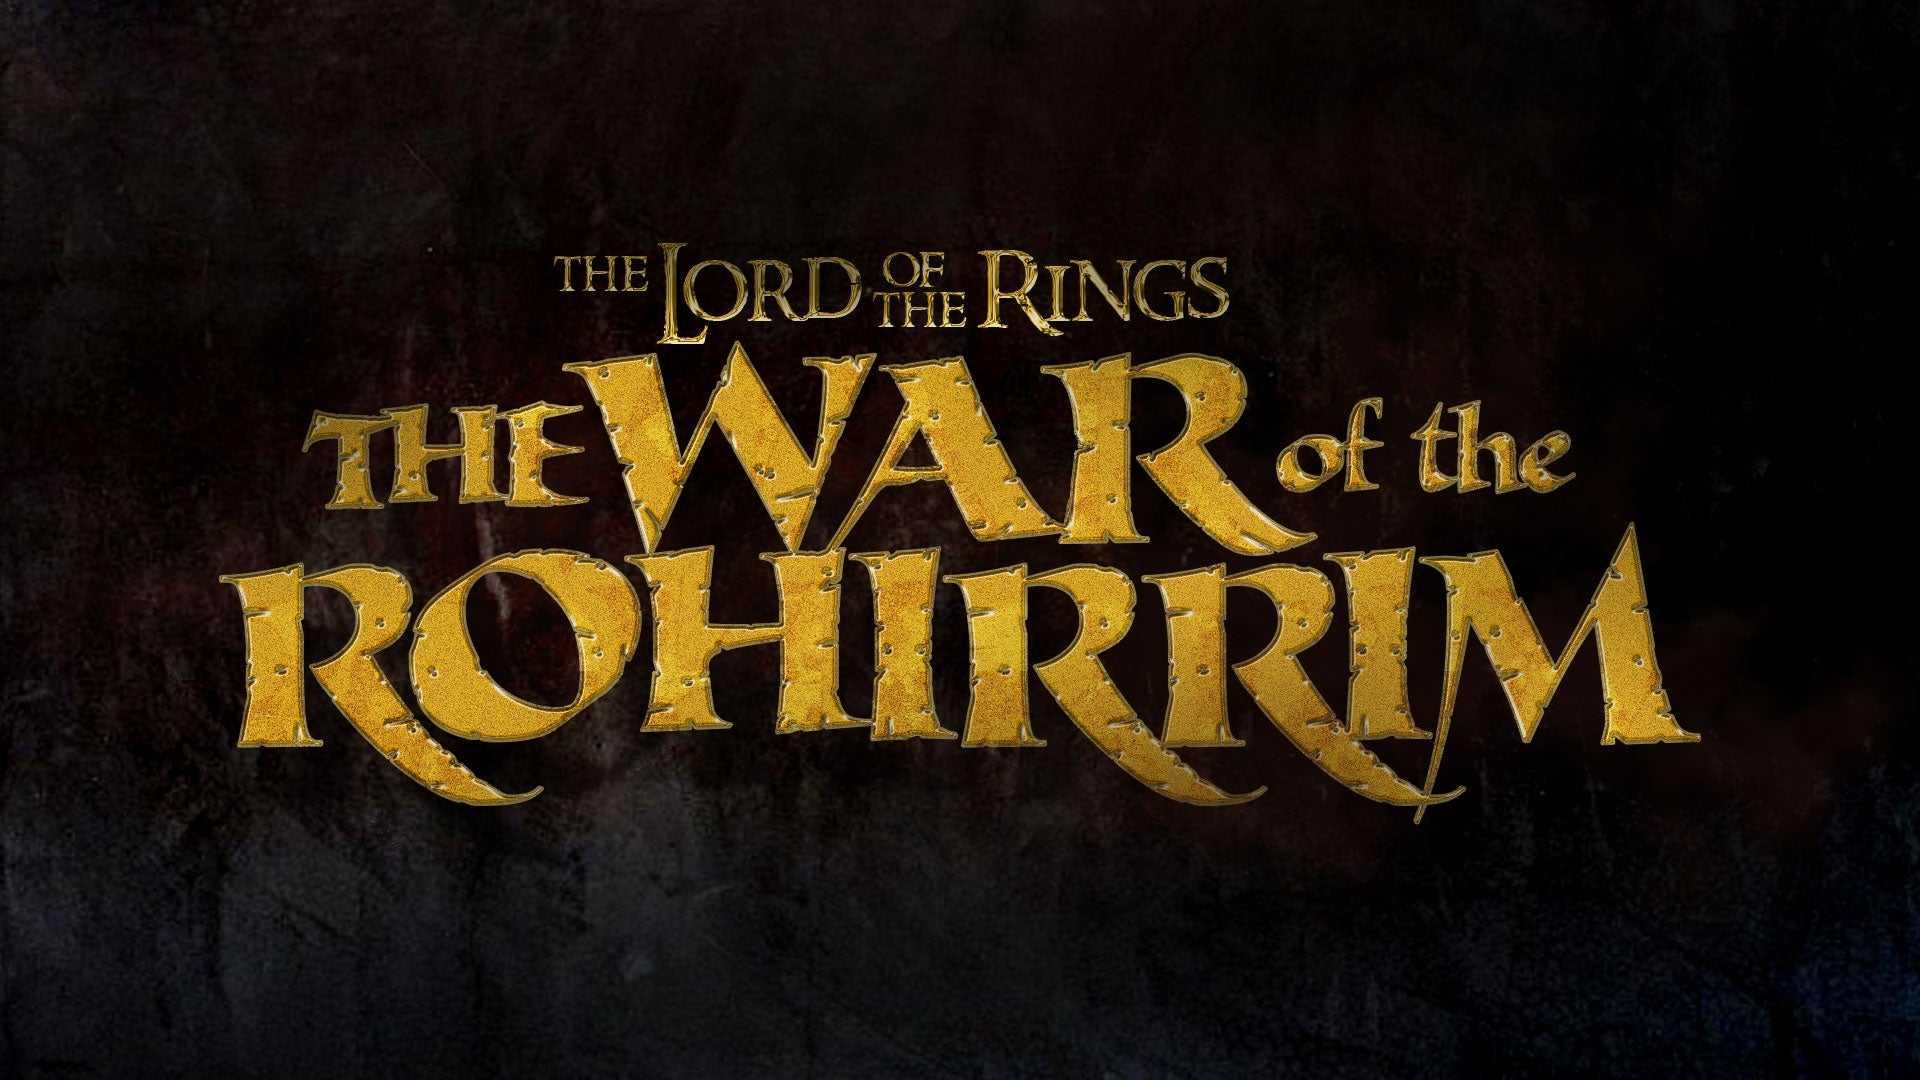 El señor de los anillos: una precuela animada sobre los Rohirrim en proceso